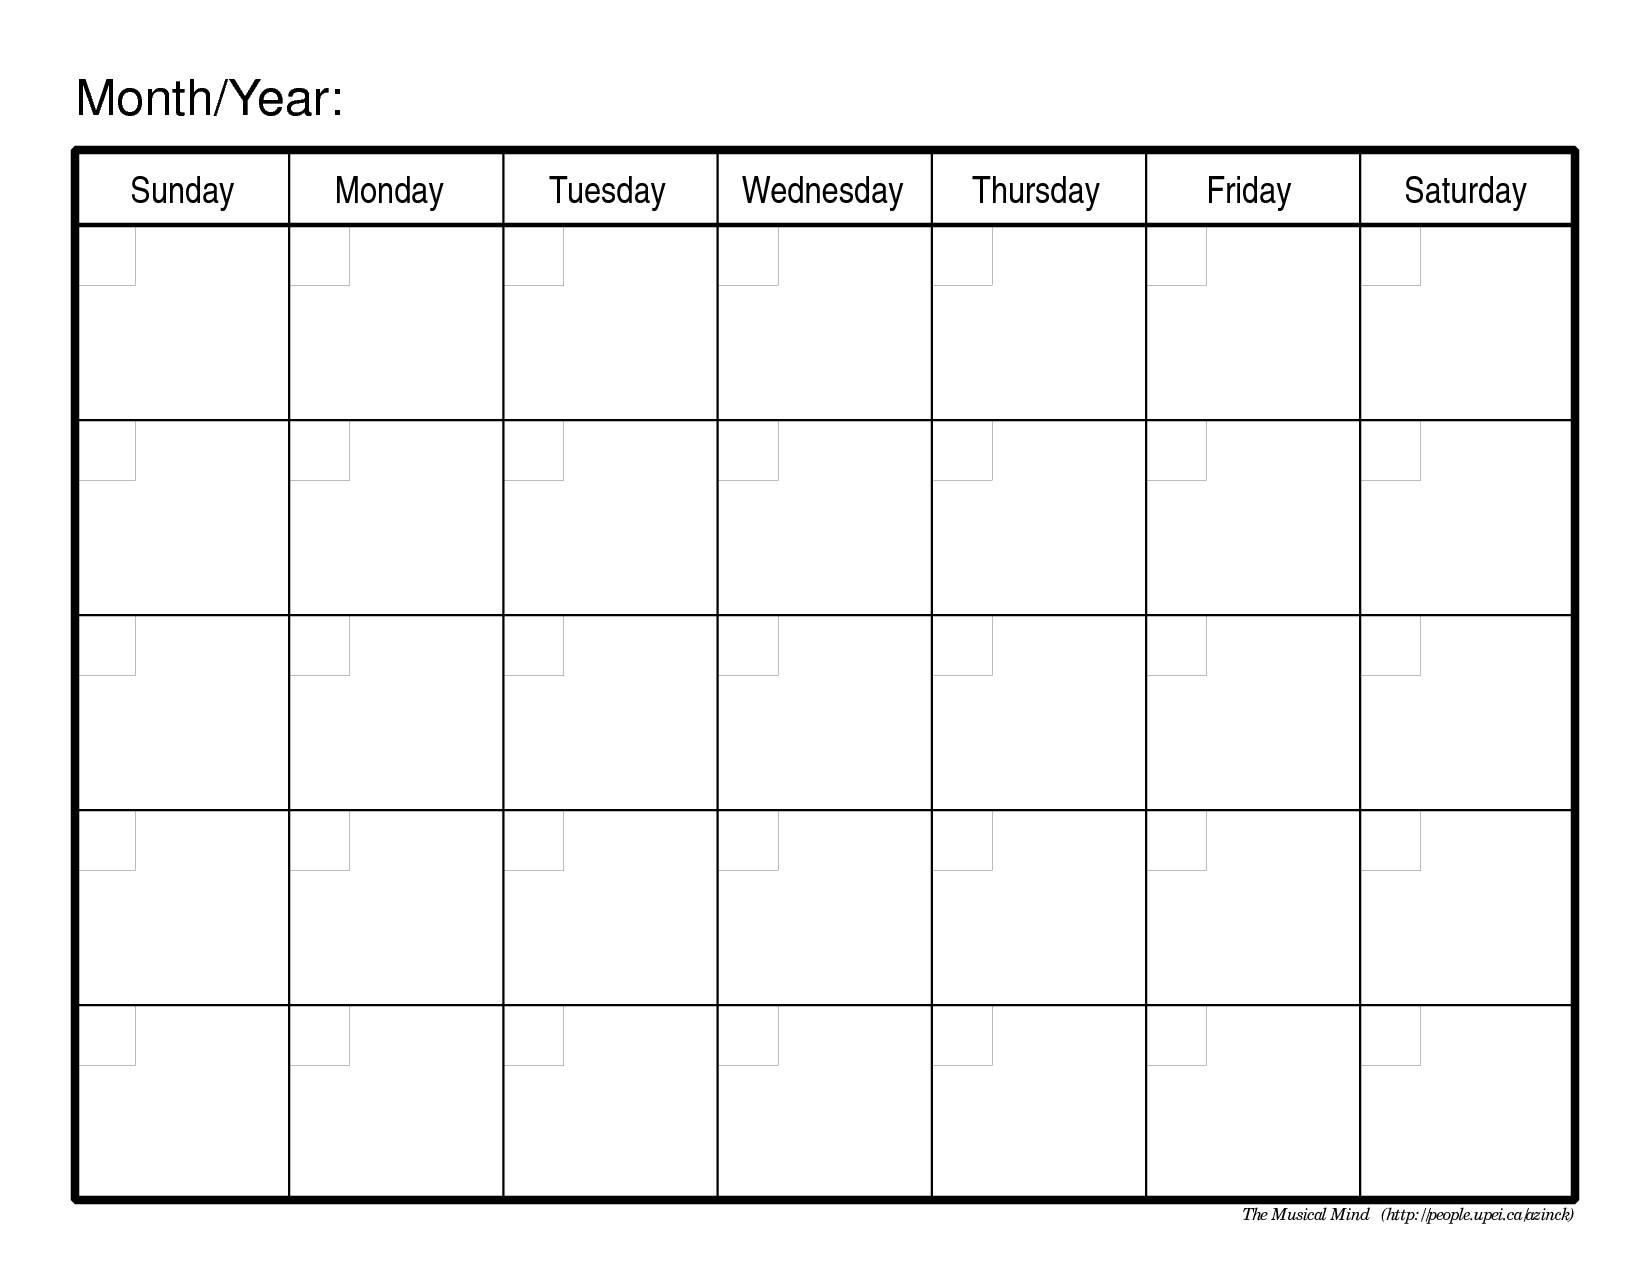 Month Calendar Printable Asafonggecco3abry